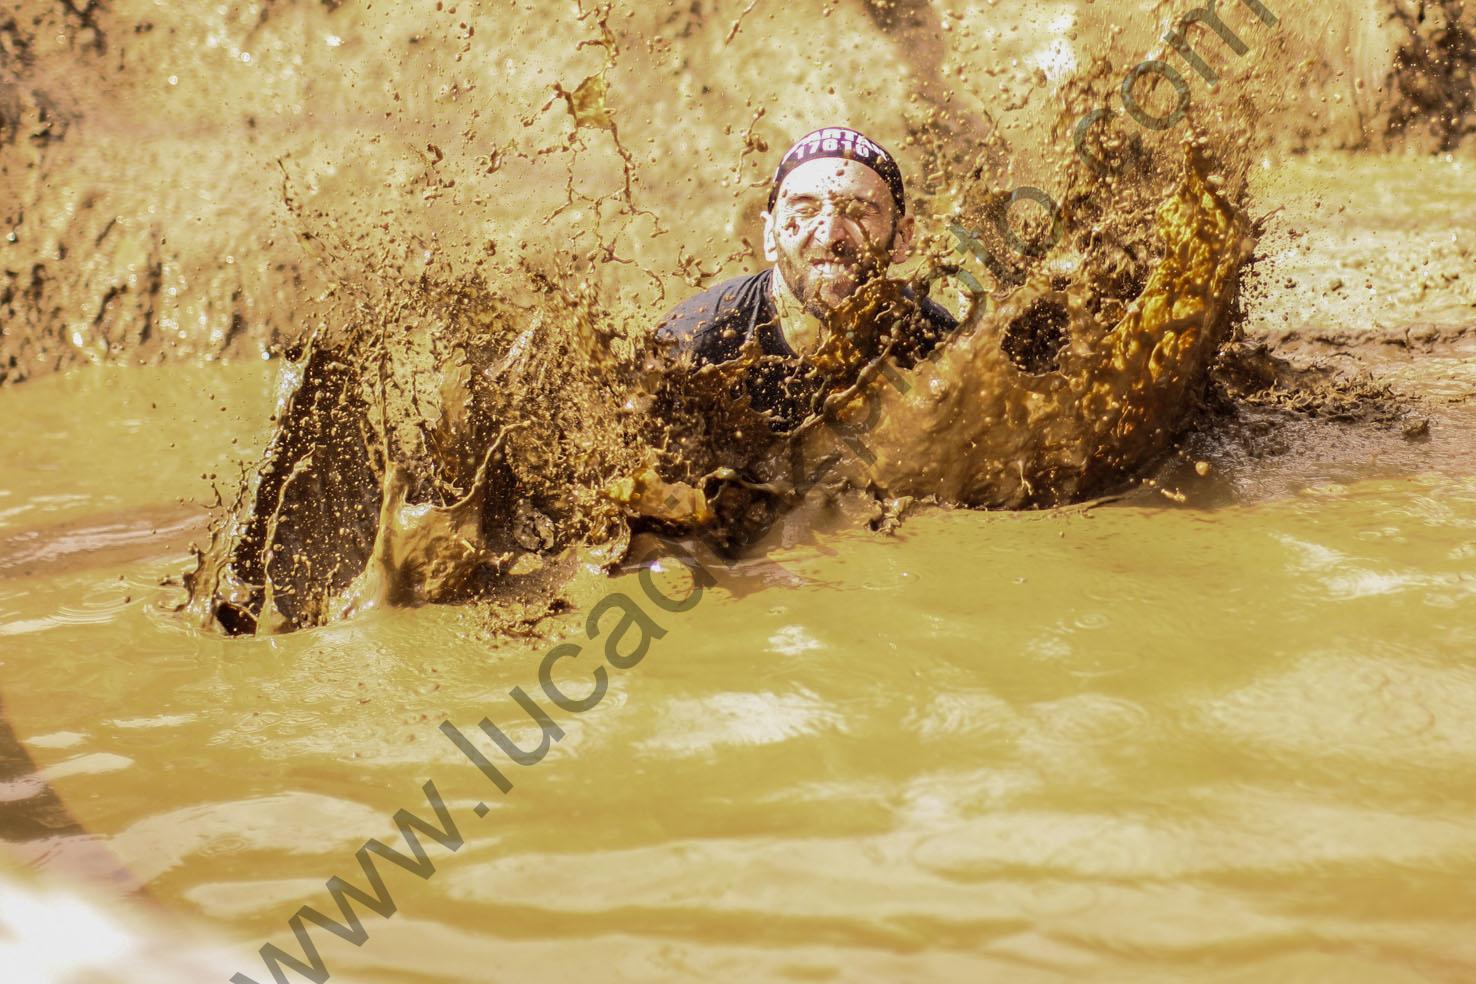 Simone Puscceddu appena entrato nella pozza di fango